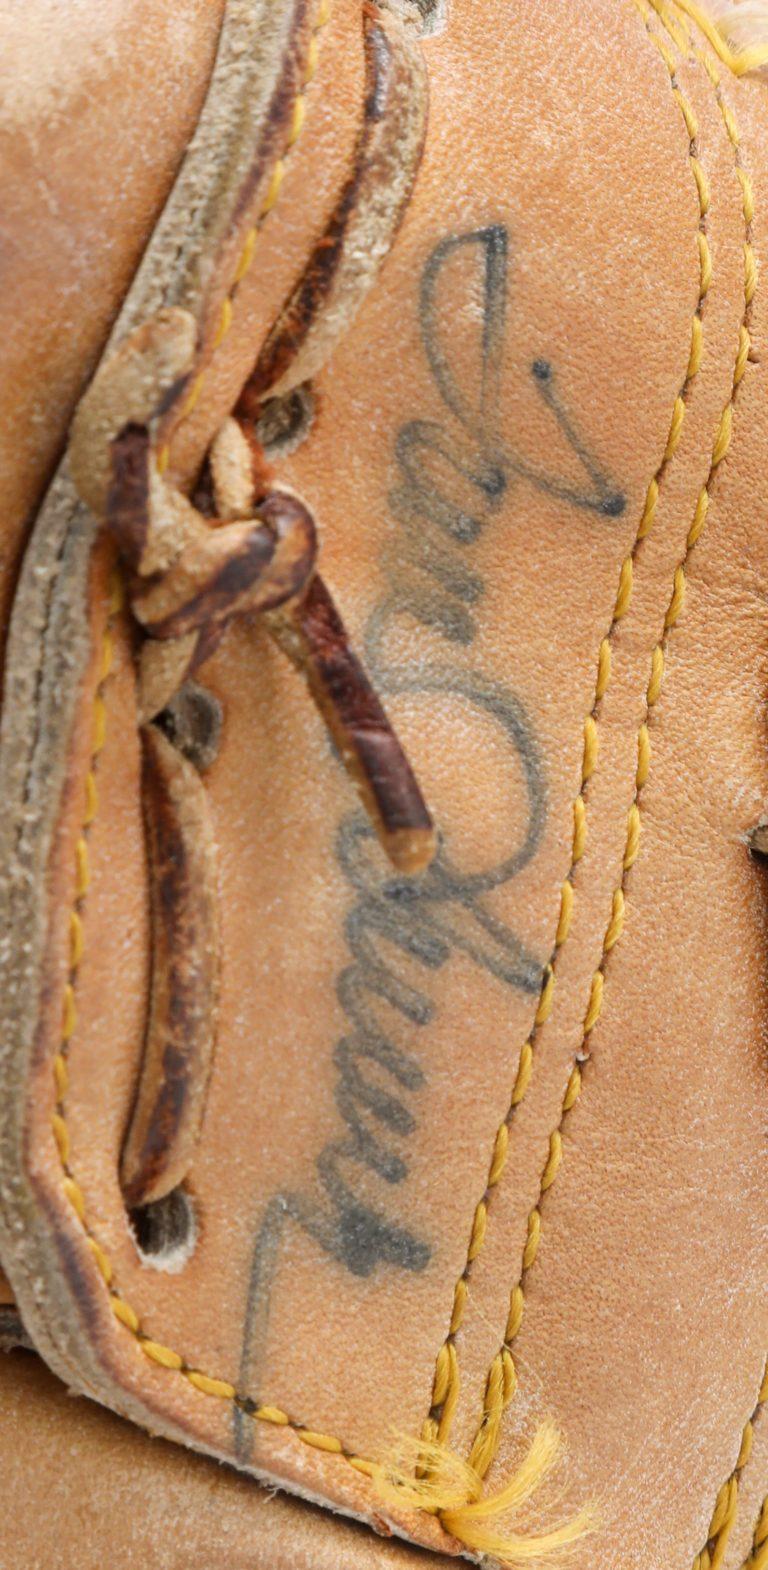 Tom Seaver Autographed Glove - Autograph Detail